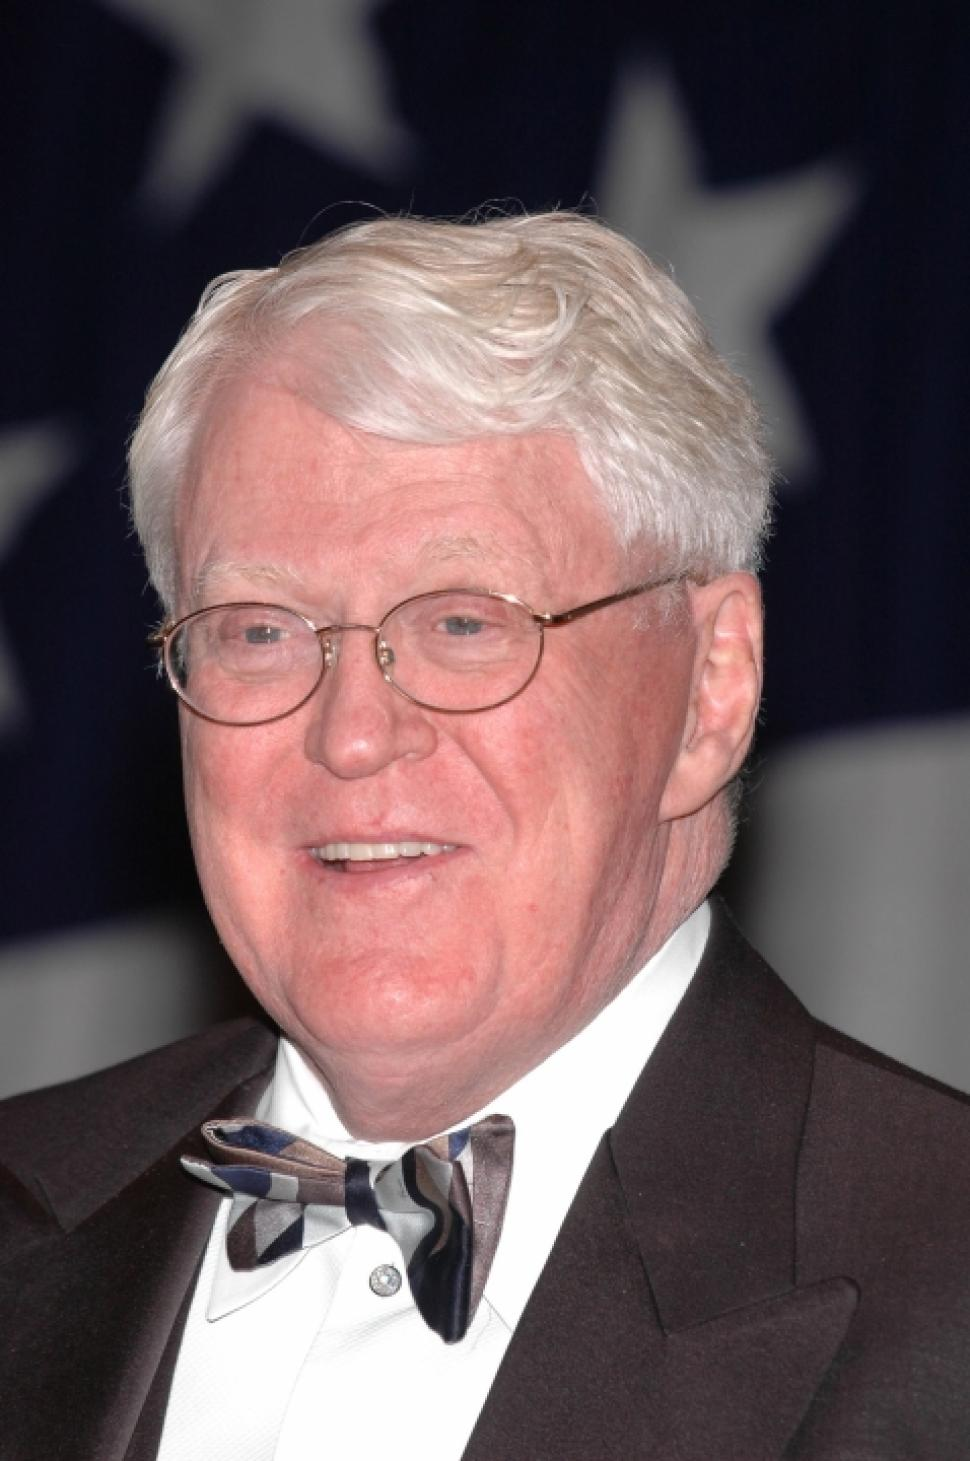 比尔·科克(Bill Koch)